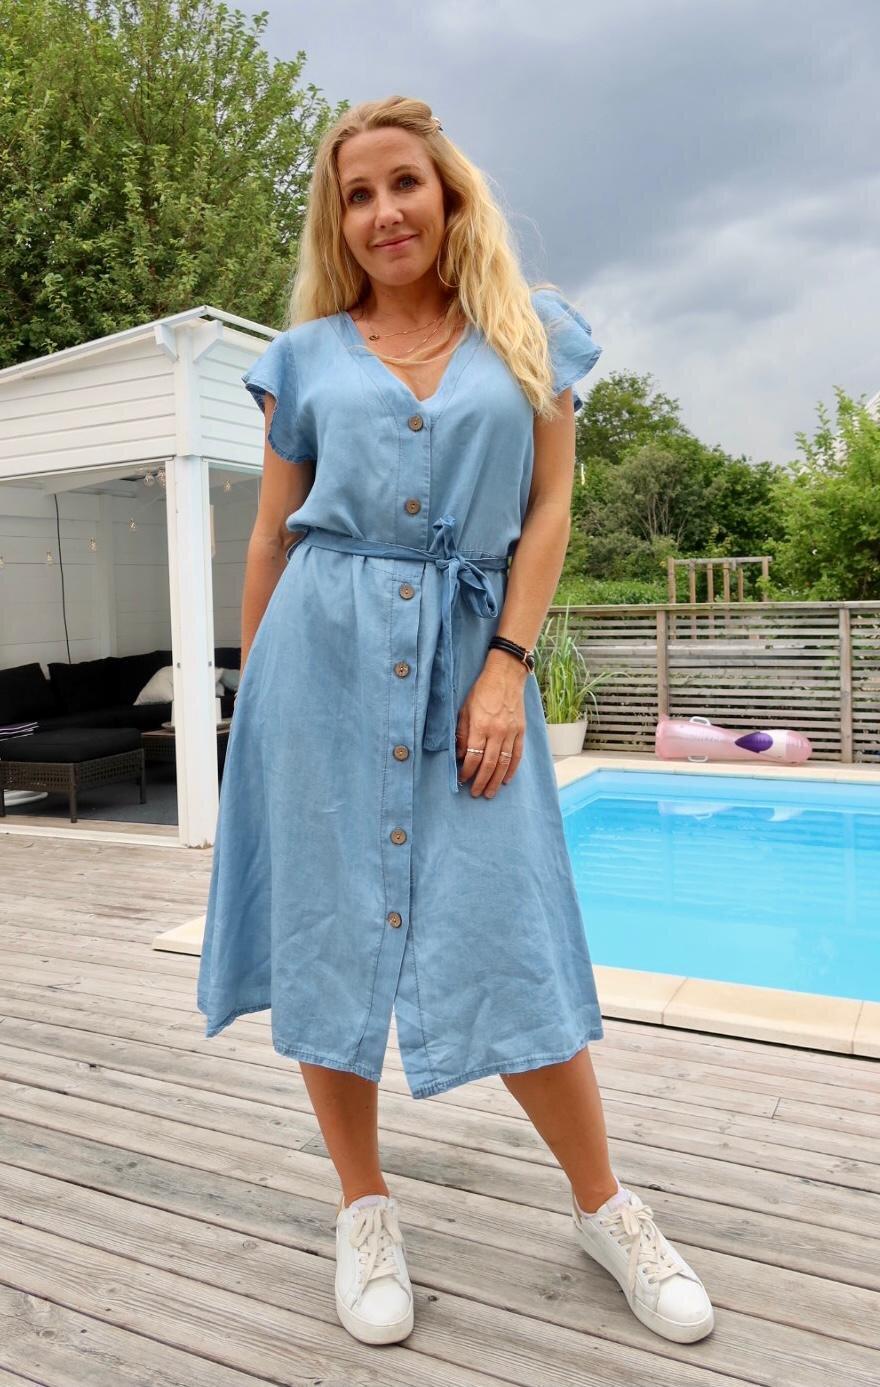 Laurel Jeans Dress - Buttons & Tie - Light Wash